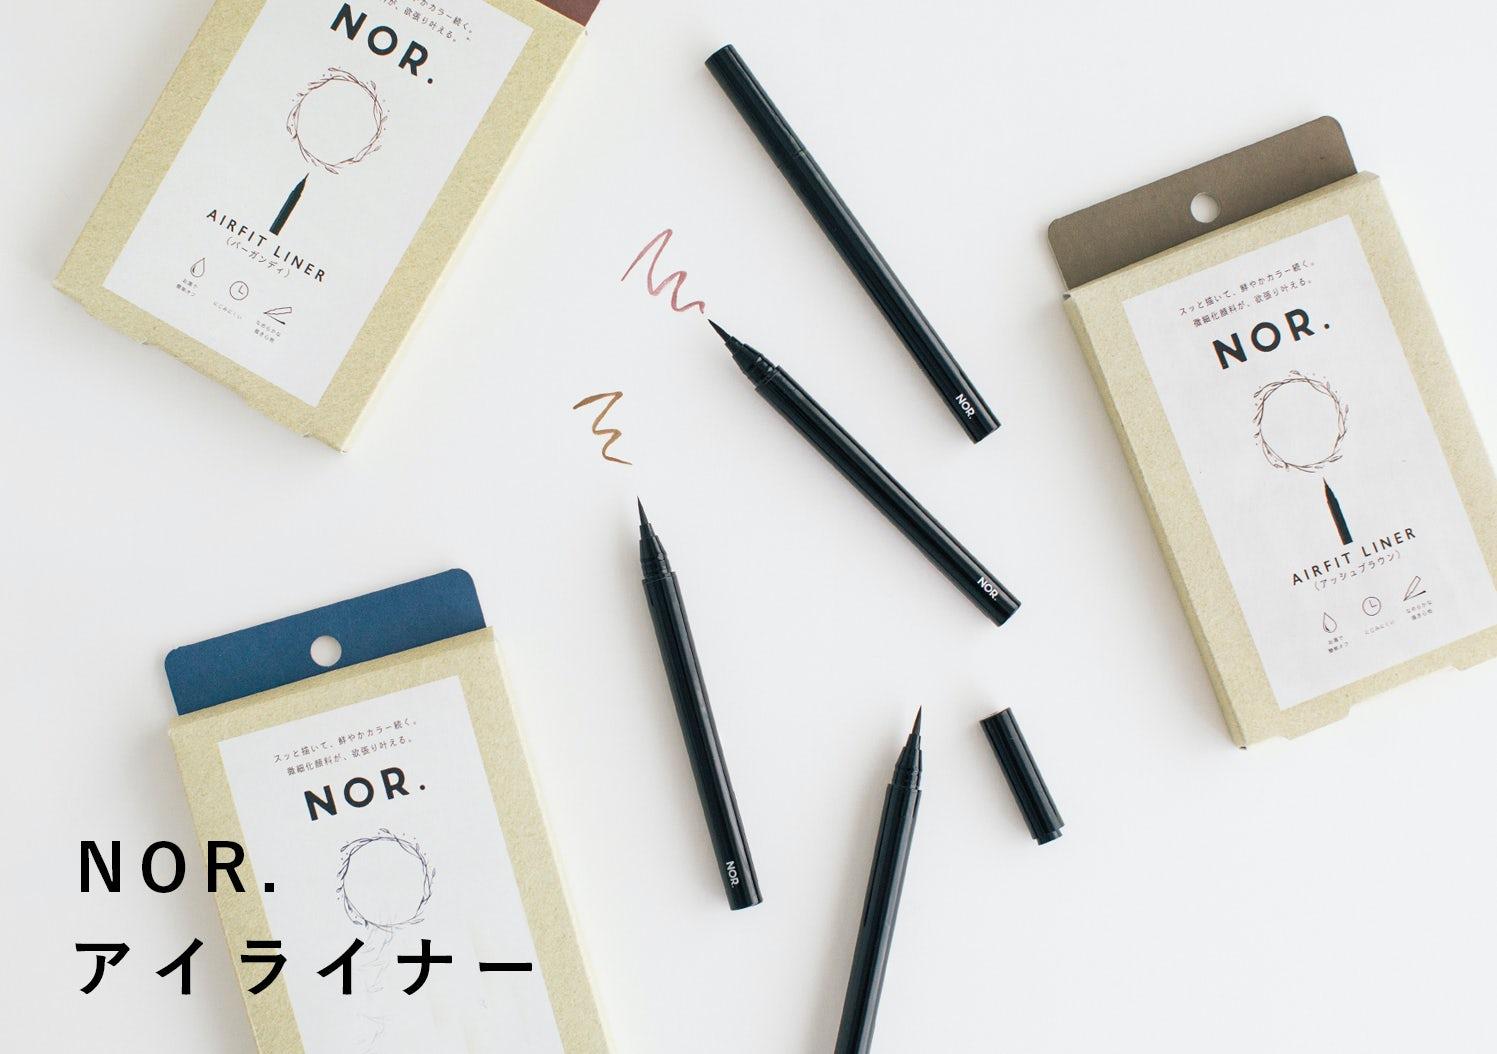 NOR. / ノール / アイライナーの画像